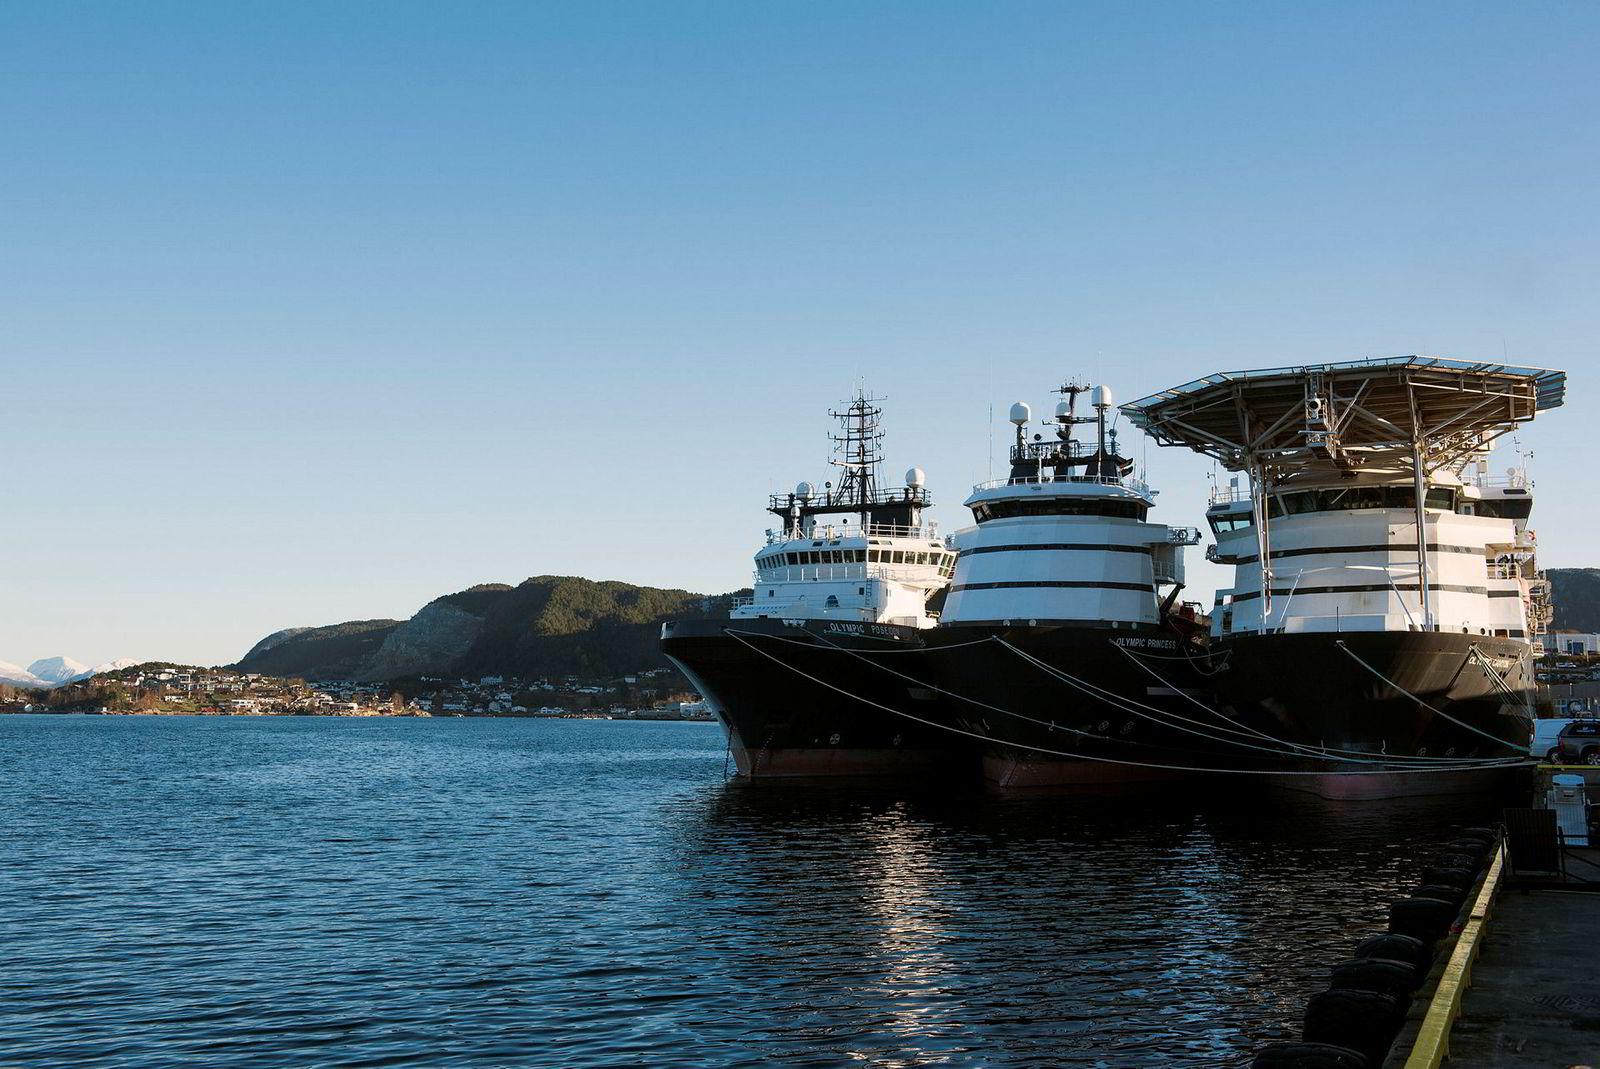 Olympic Shipping legger flere av båtene i opplag og satser på subsea. Her er offshorebåtene Olympic Poseidon, Olympic Princess og Olympic Canyon i opplag ved Breivika utenfor Ålesund.